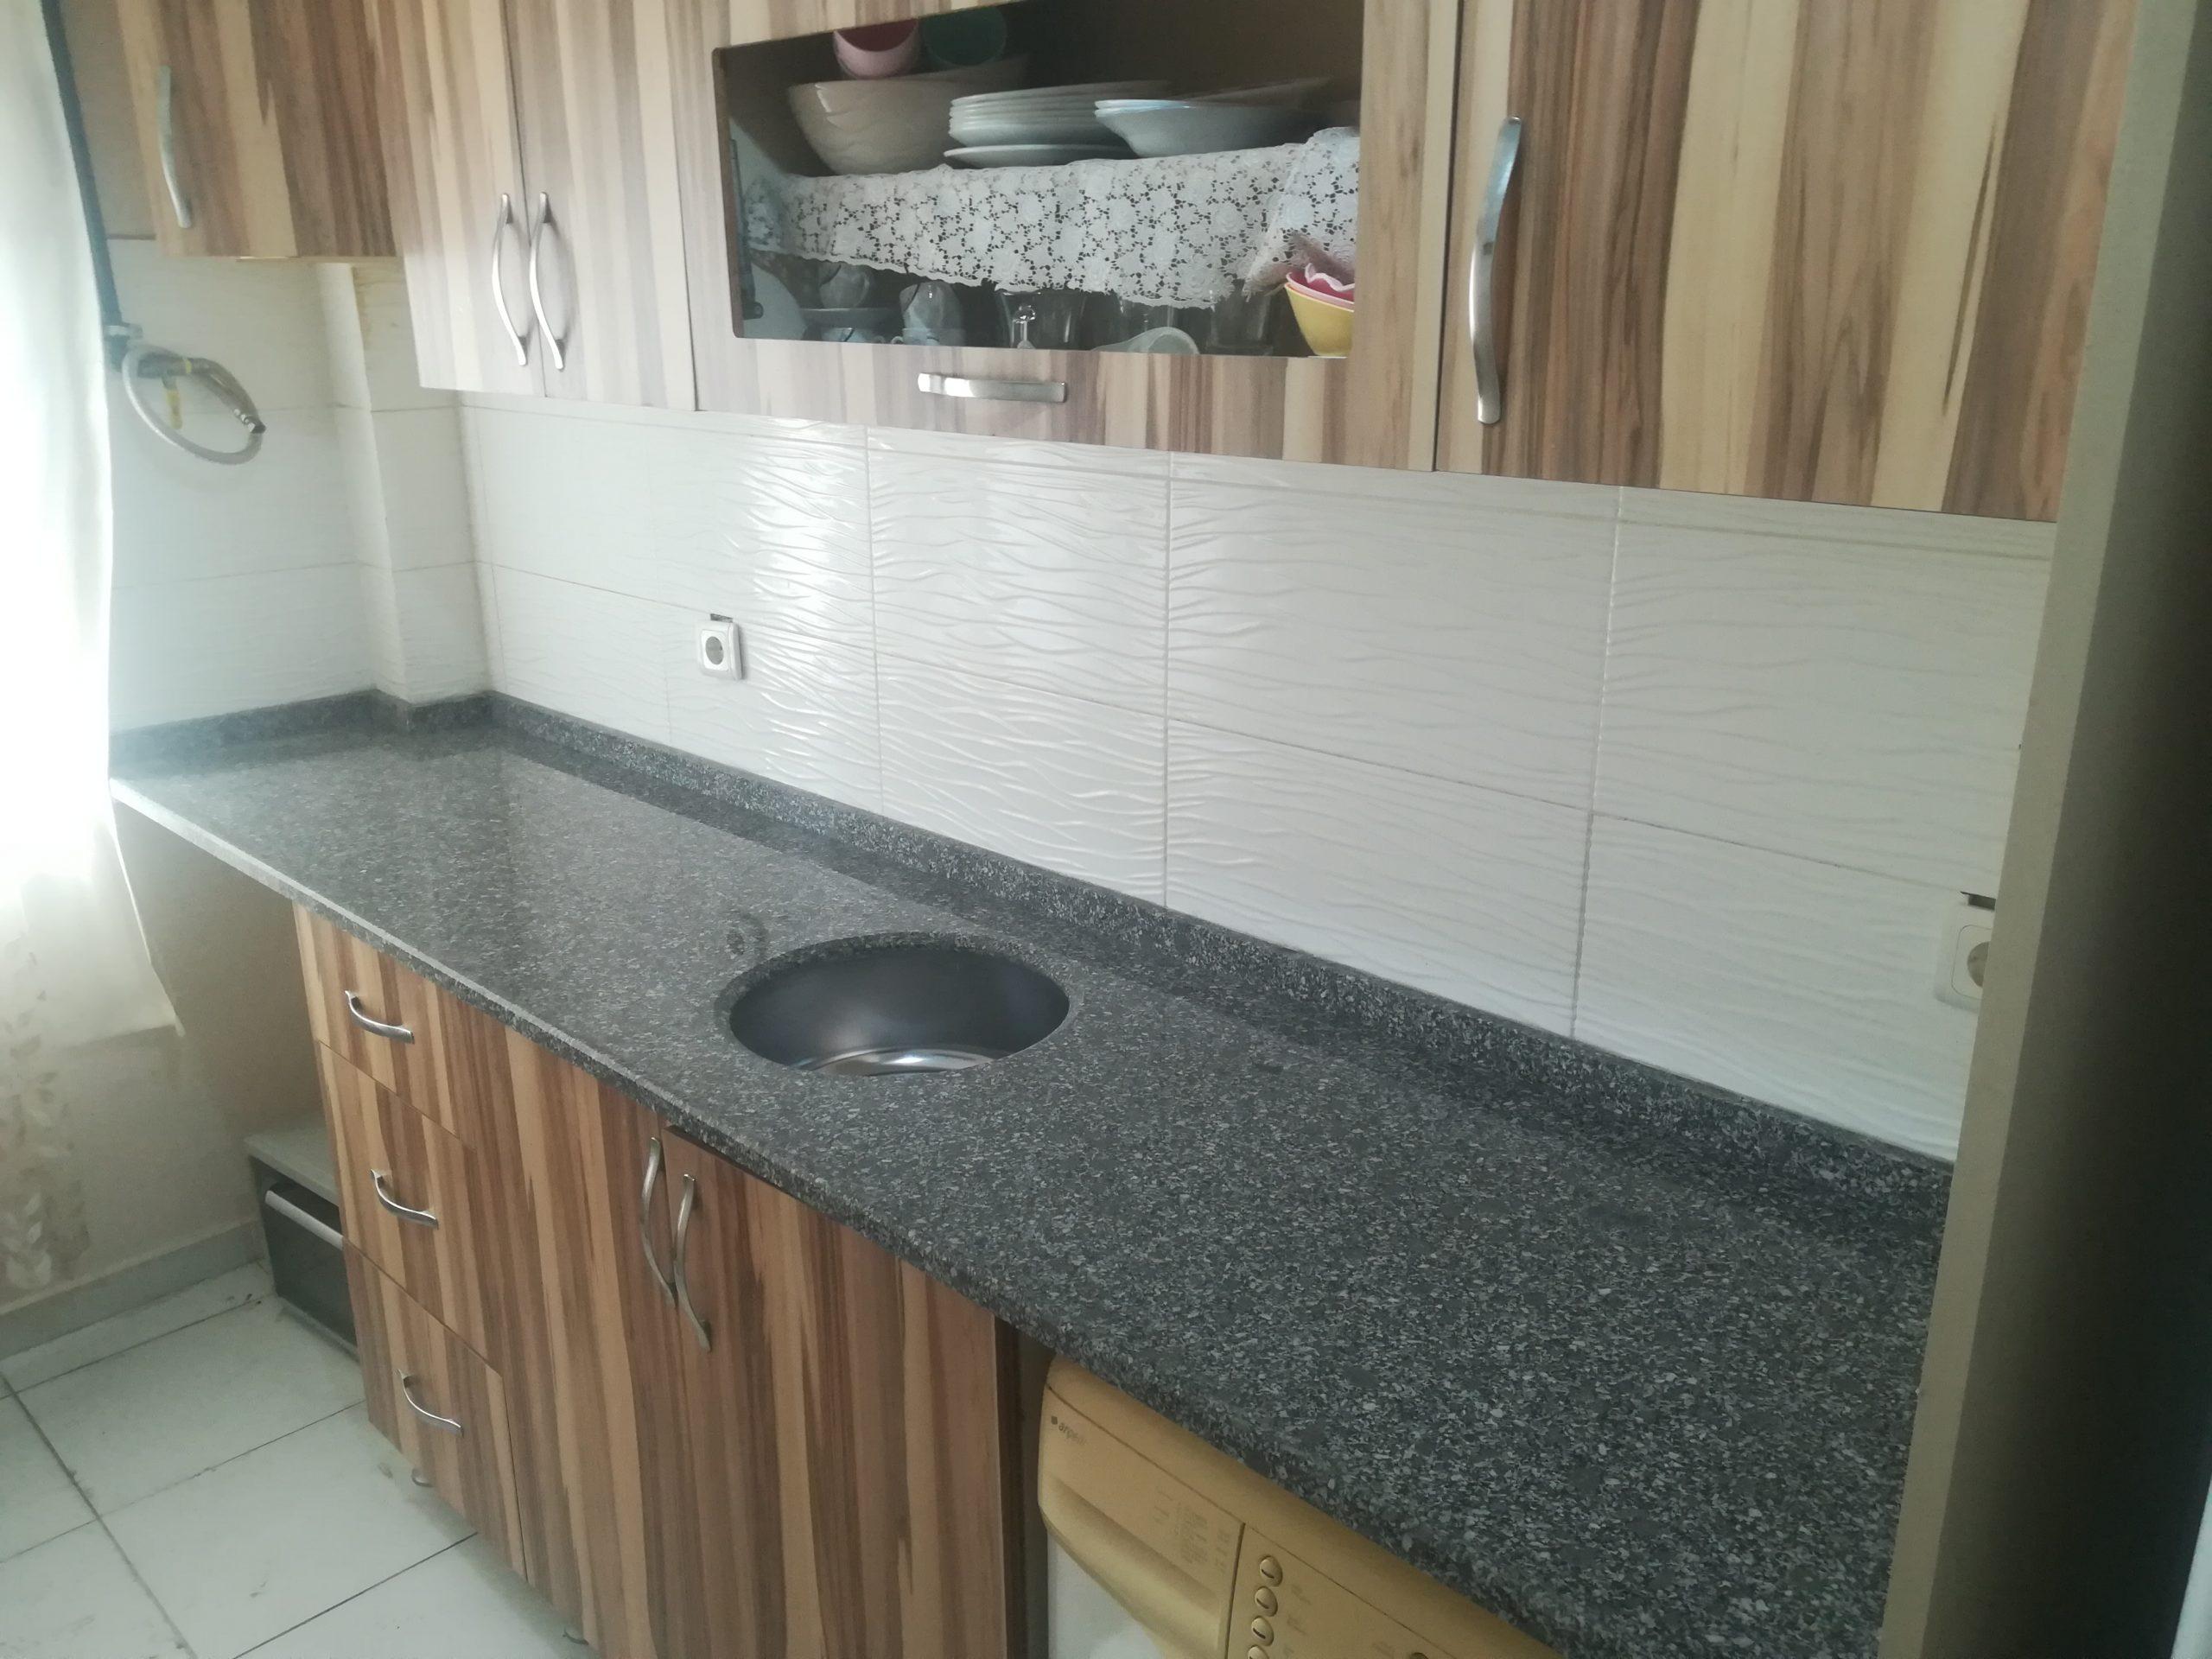 Esenyurt En Uygun Fiyat Granit Mutfak Tezgahı